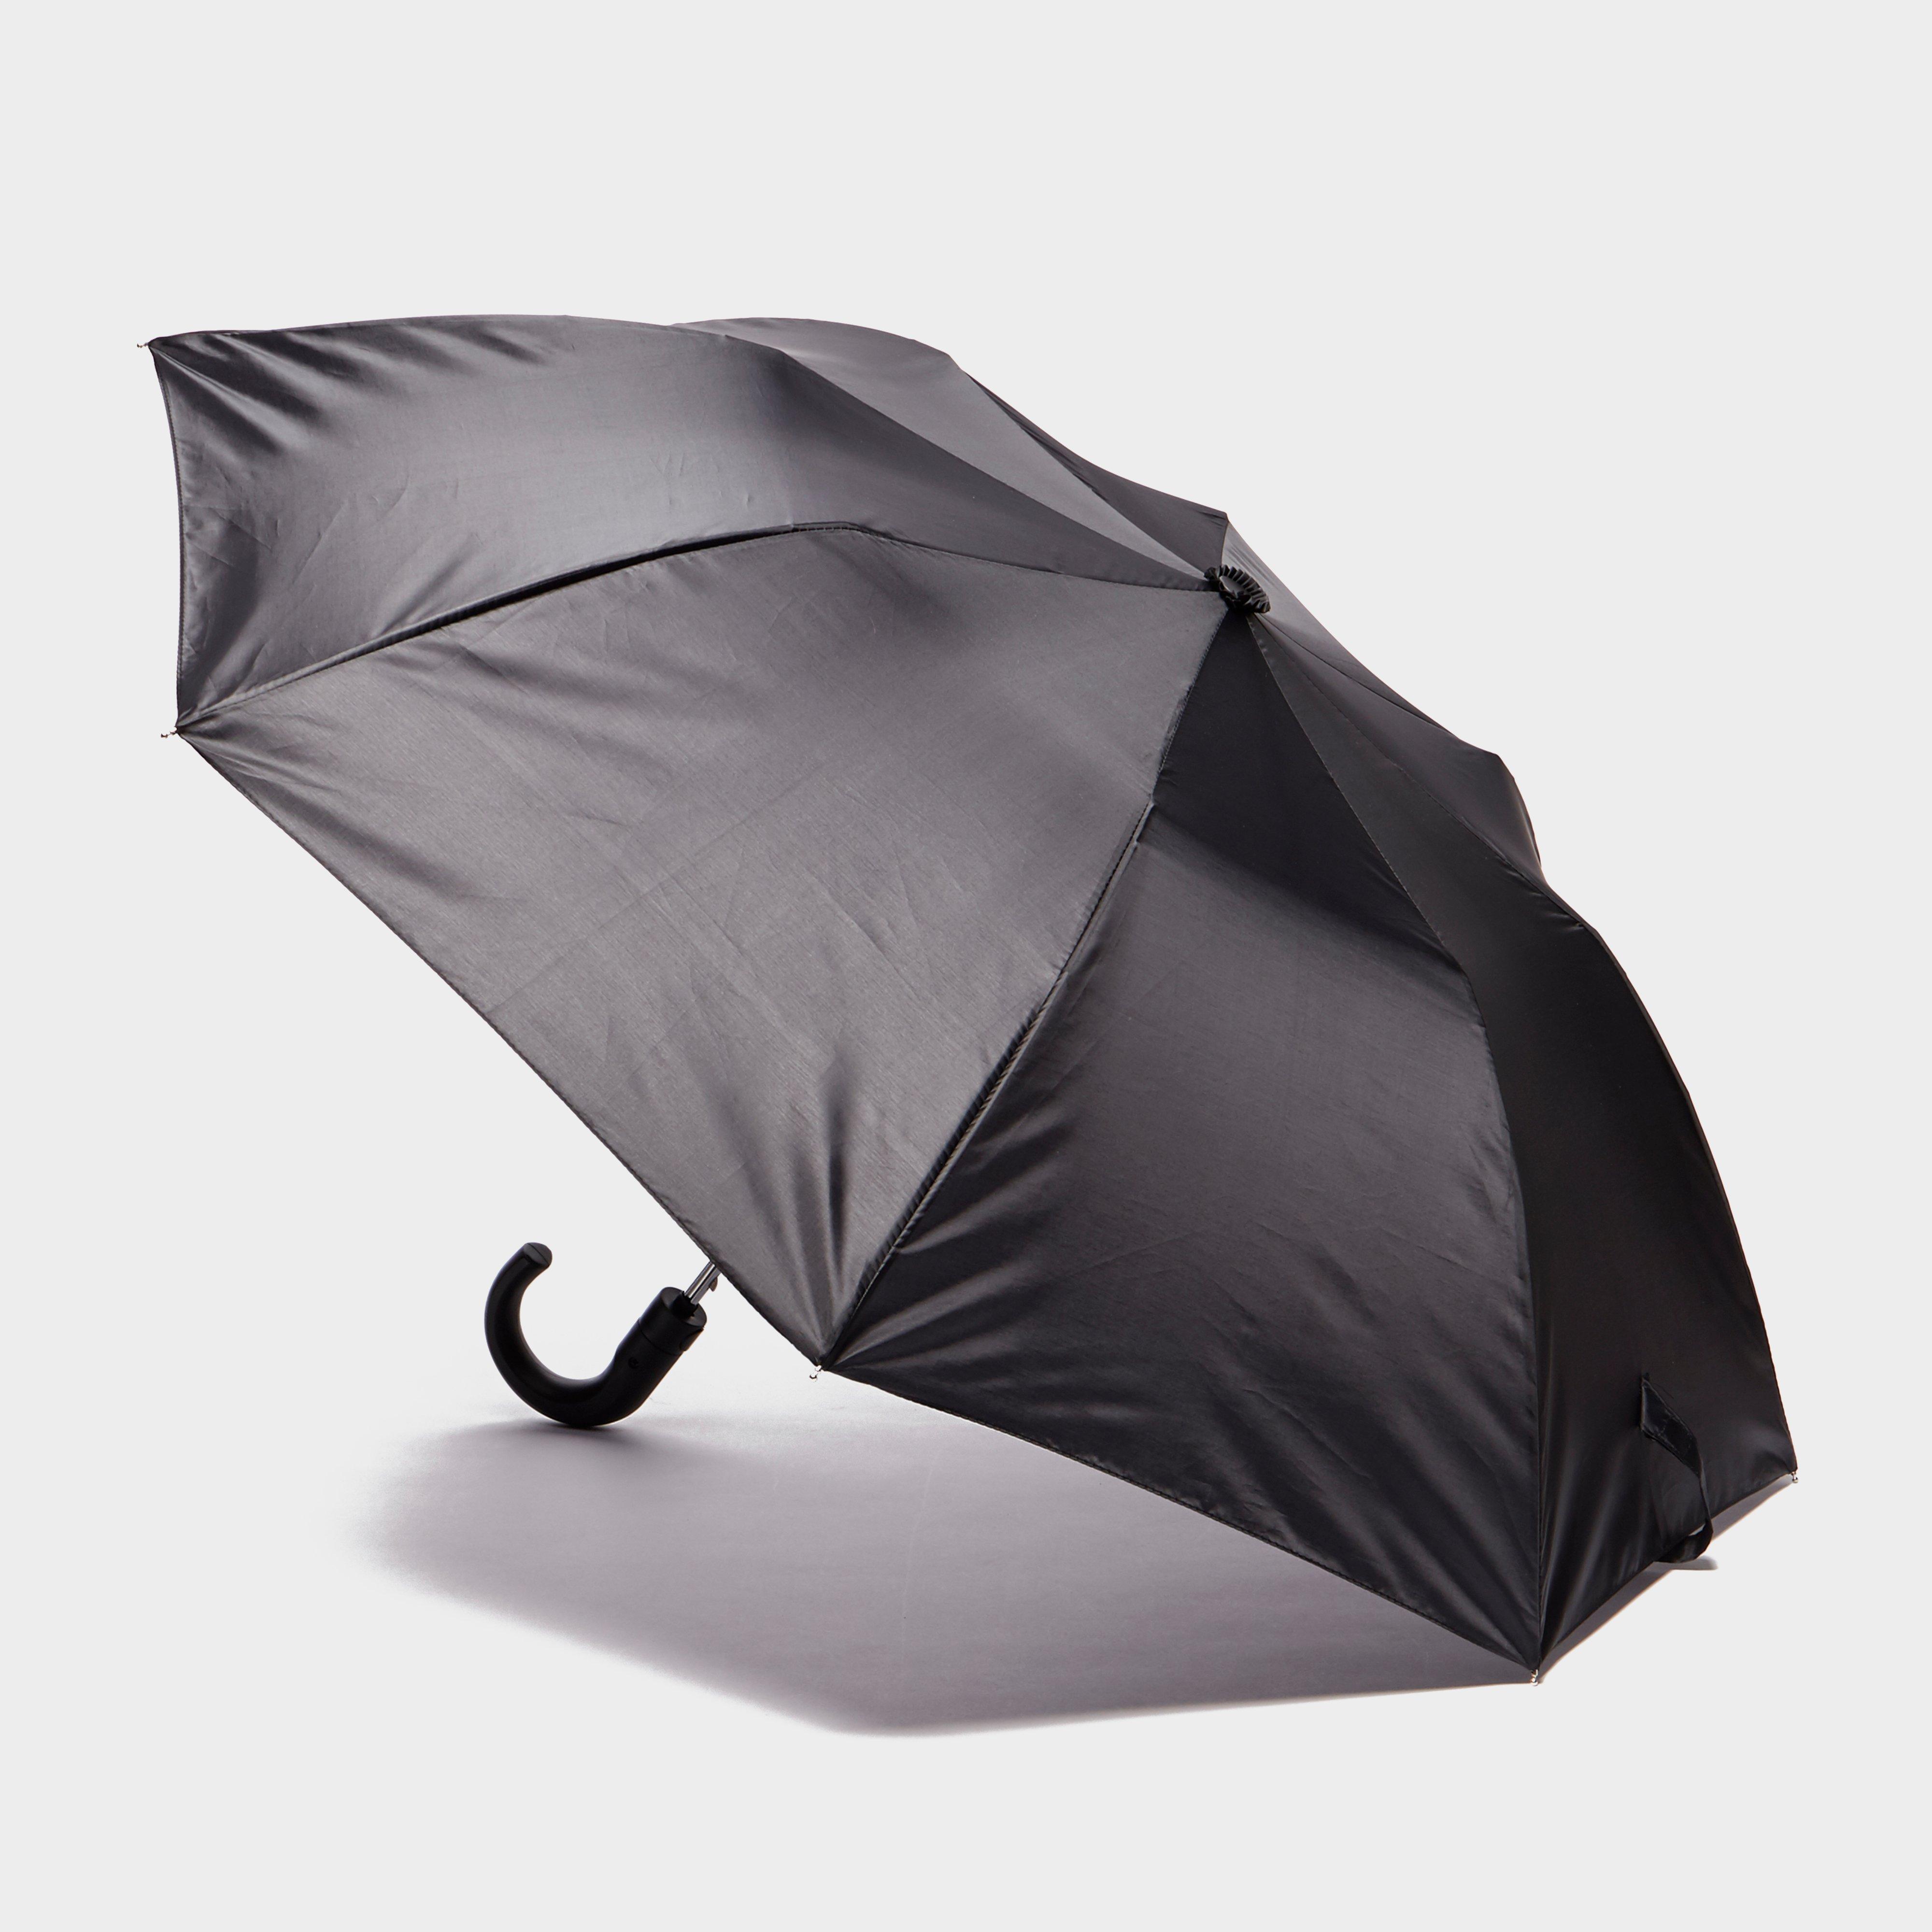 Image of Peter Storm Men's Pop-Up Crook Umbrella - Black/Blk, Black/BLK